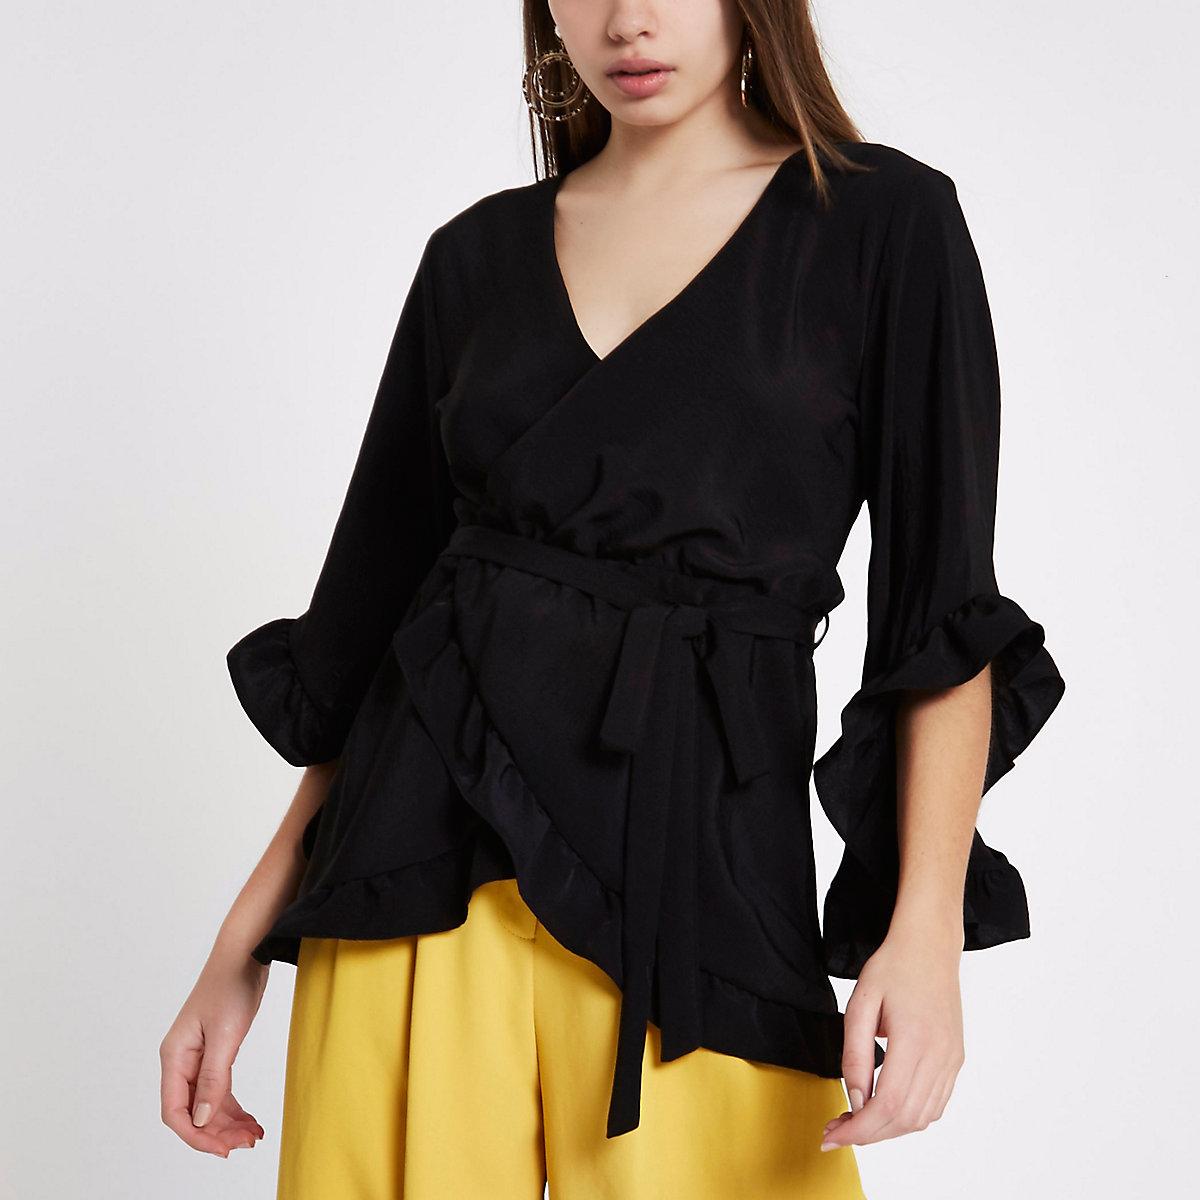 1ebbb0dd2e9 Black wrap front frill tie waist top - Tops - Sale - women